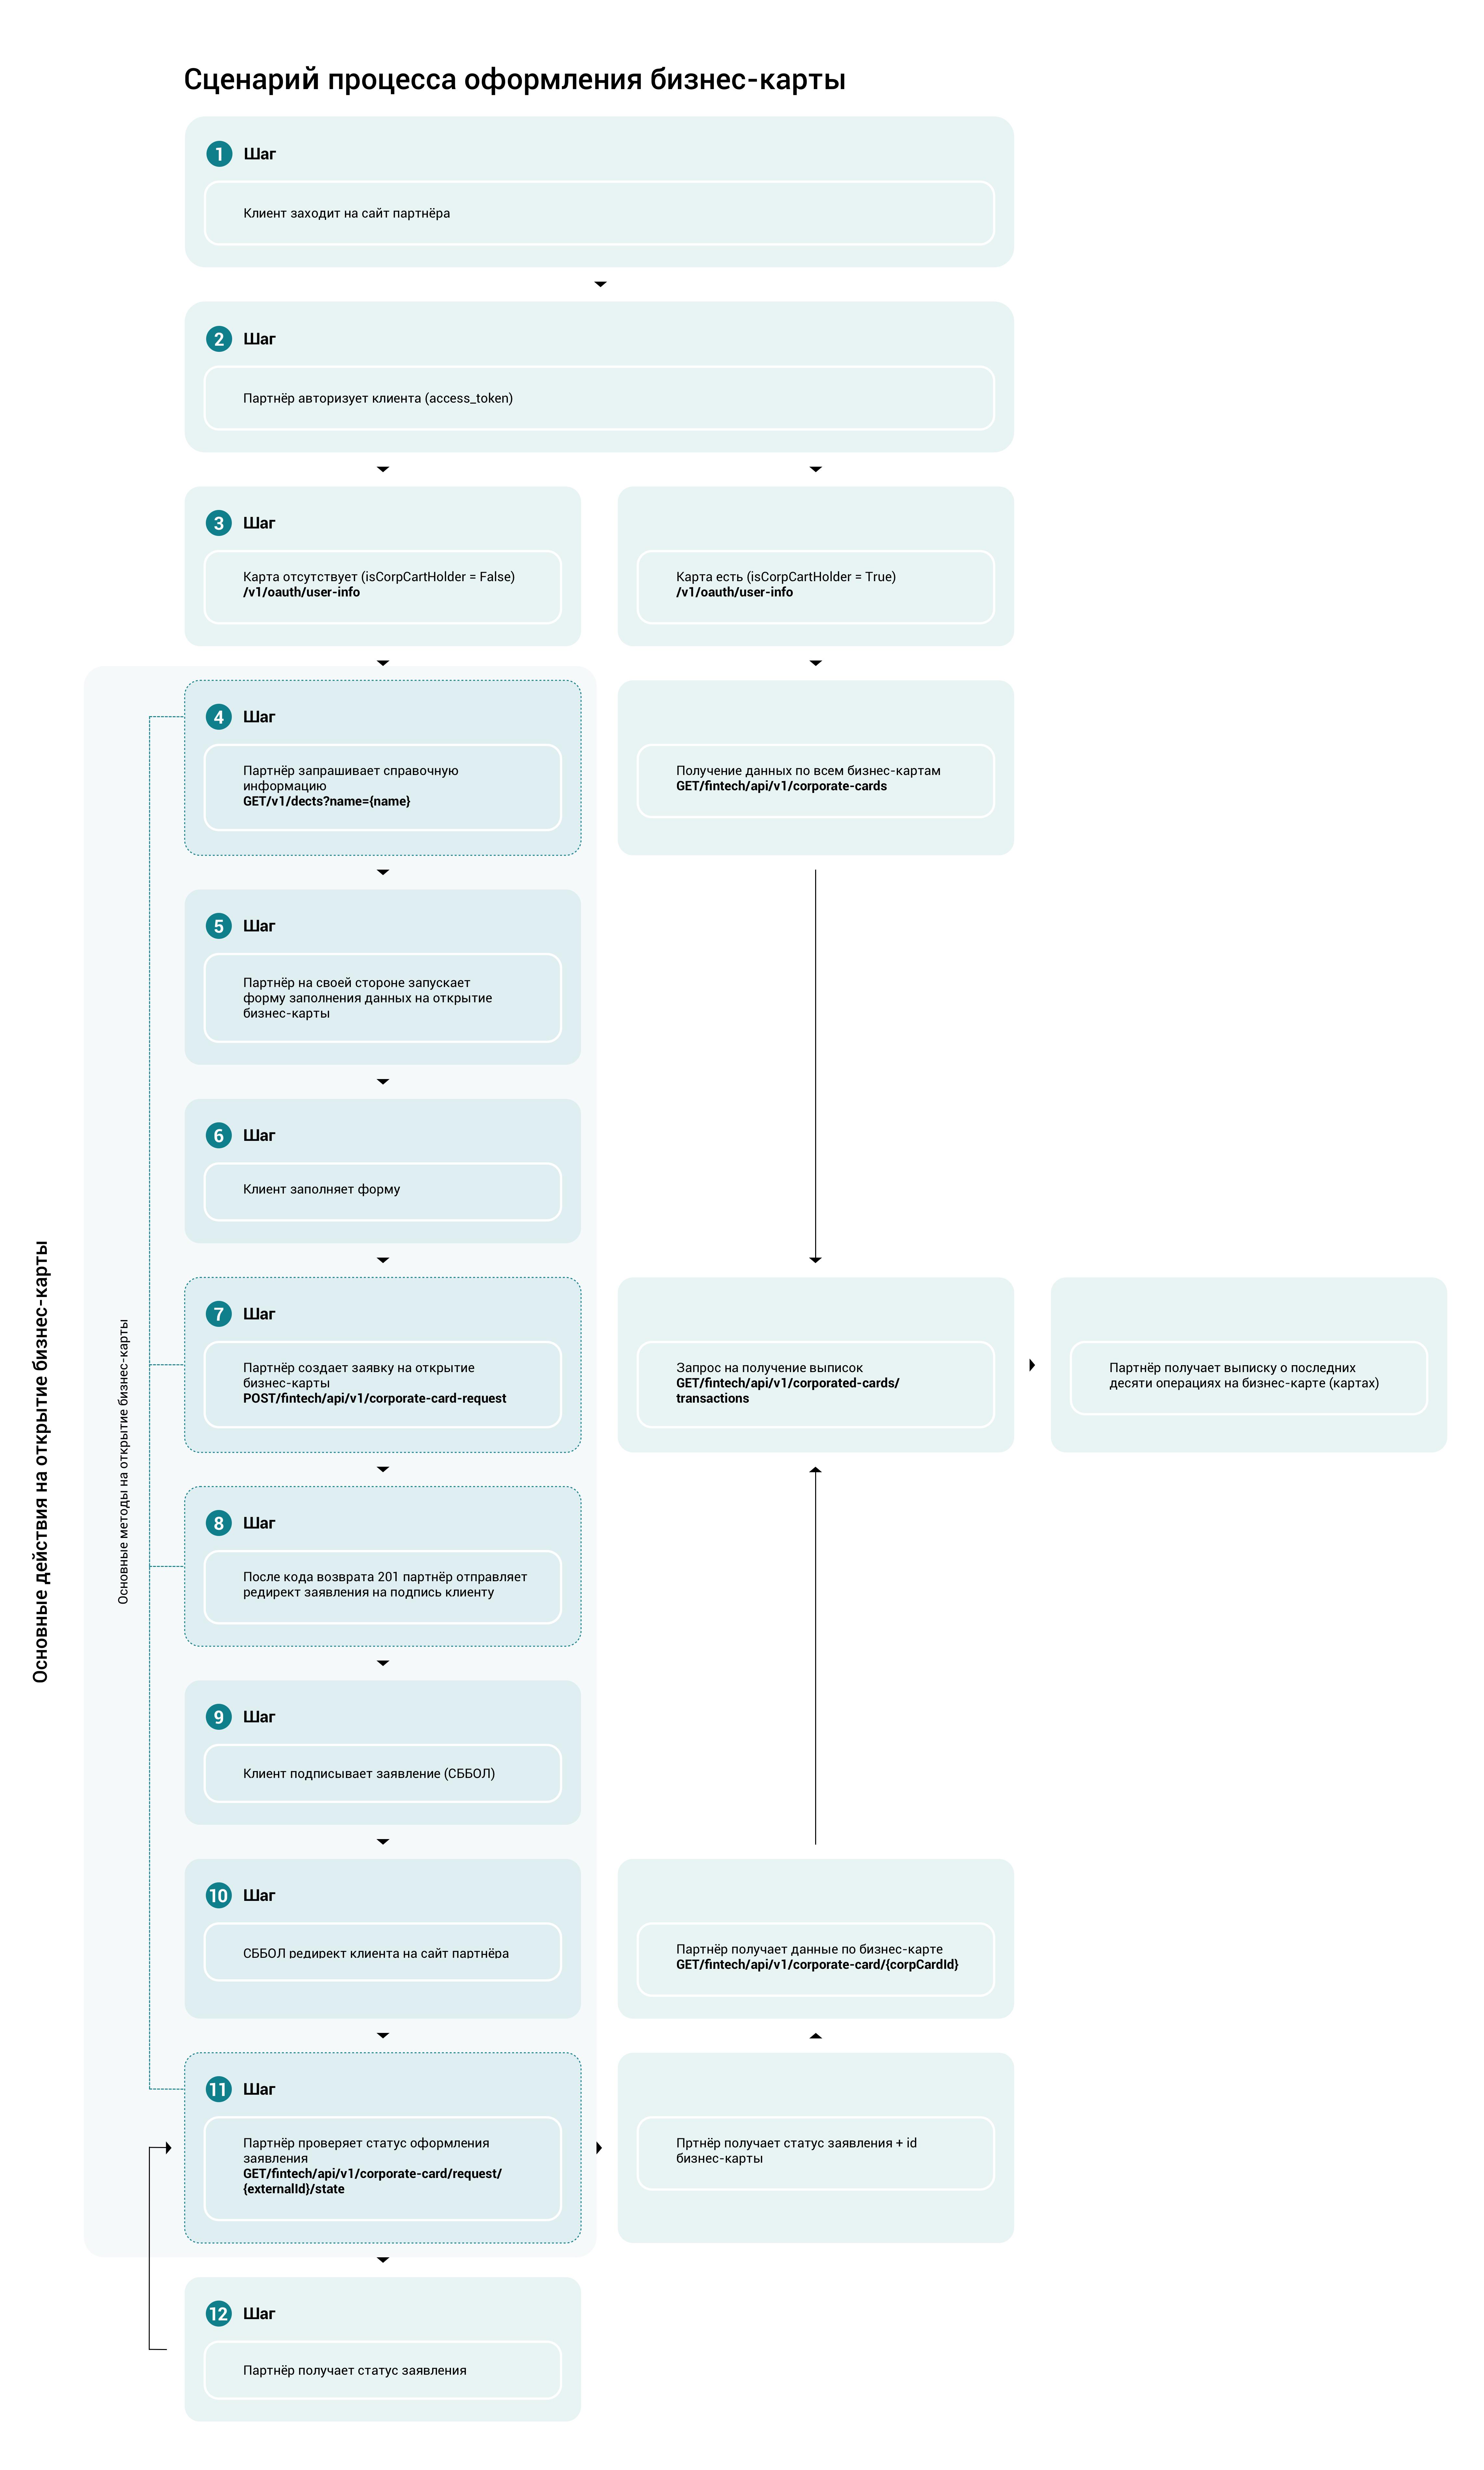 Сценарий процесса оформления бизнес-карты